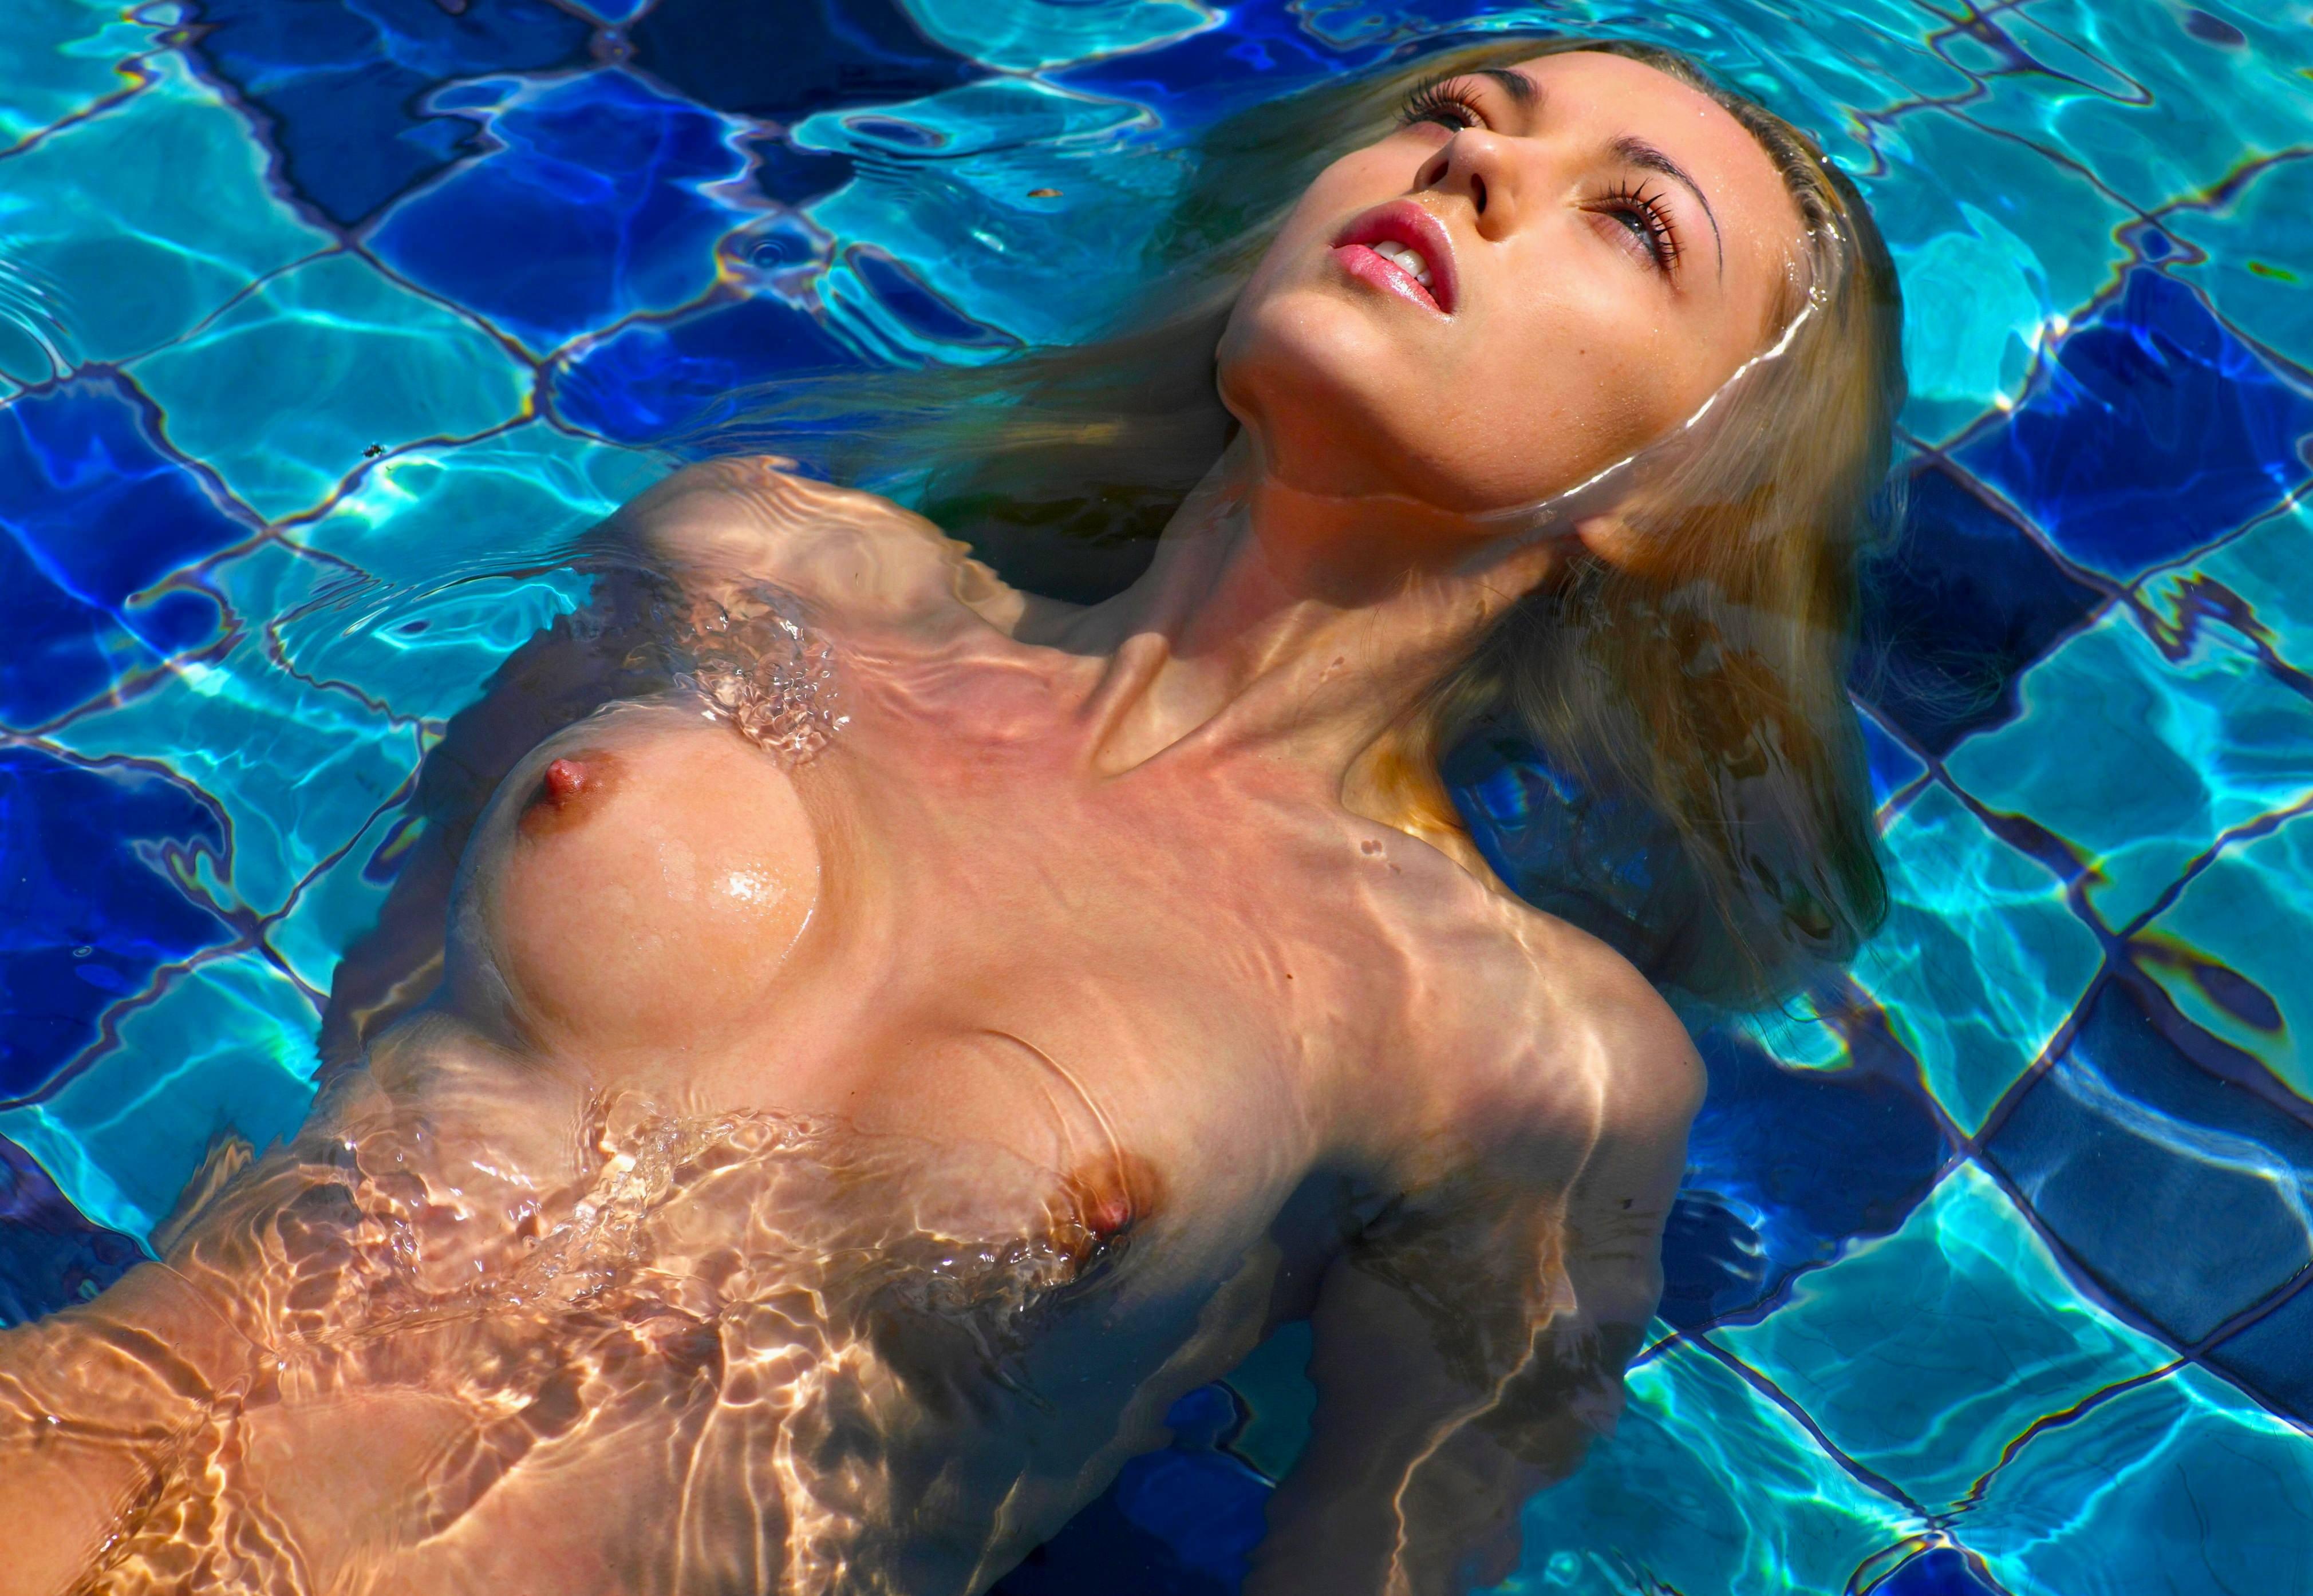 Смотреть как голые девушки плавают в воде 6 фотография